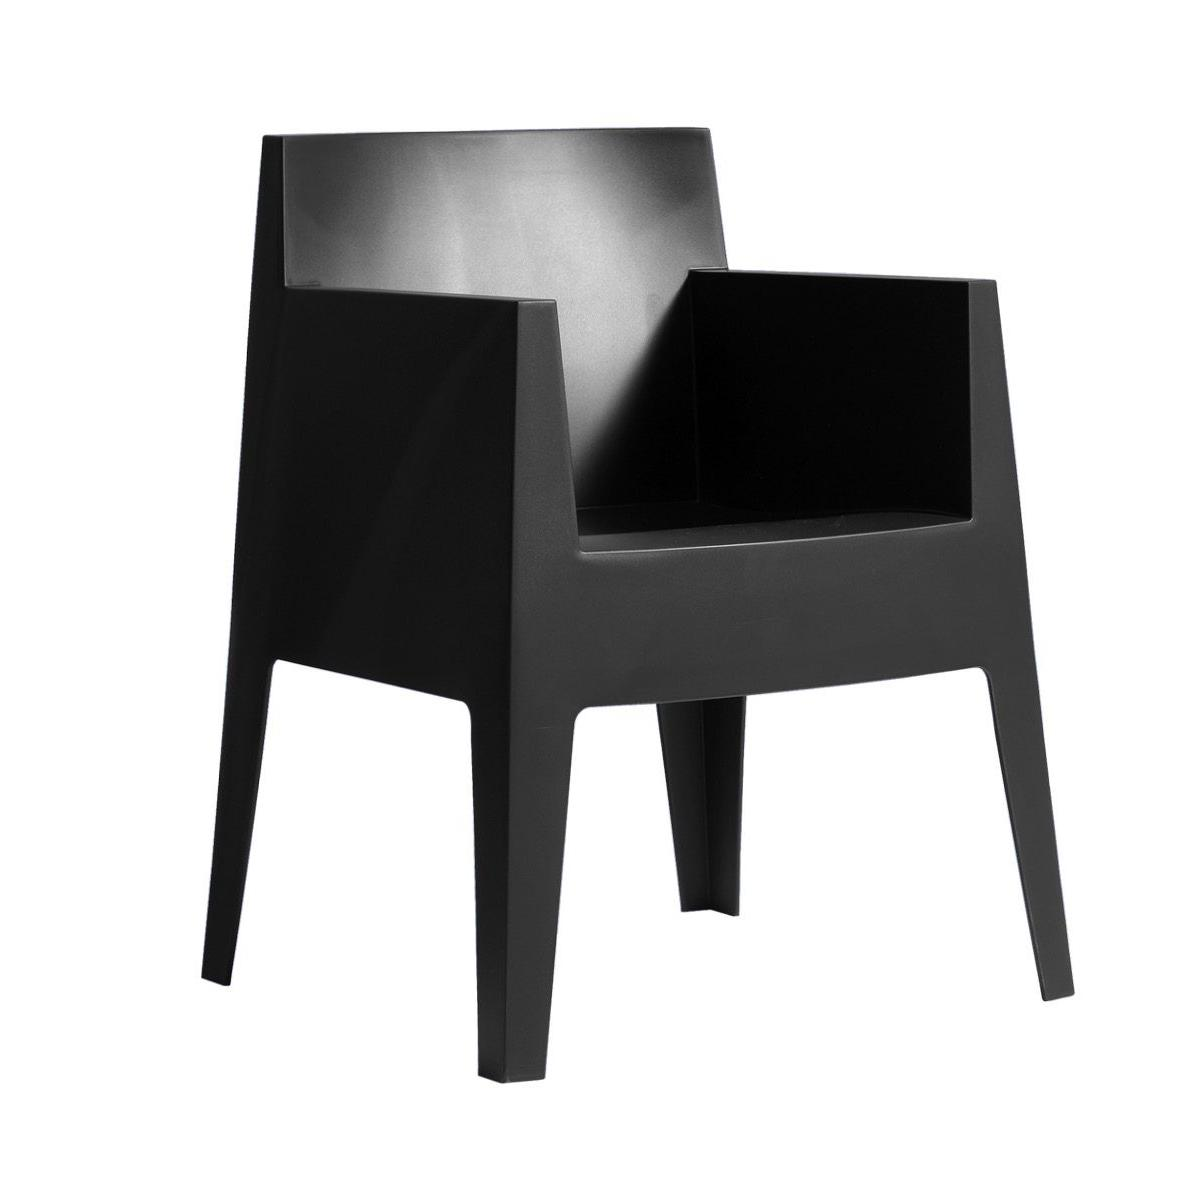 Toy Stuhl schwarz (G17)